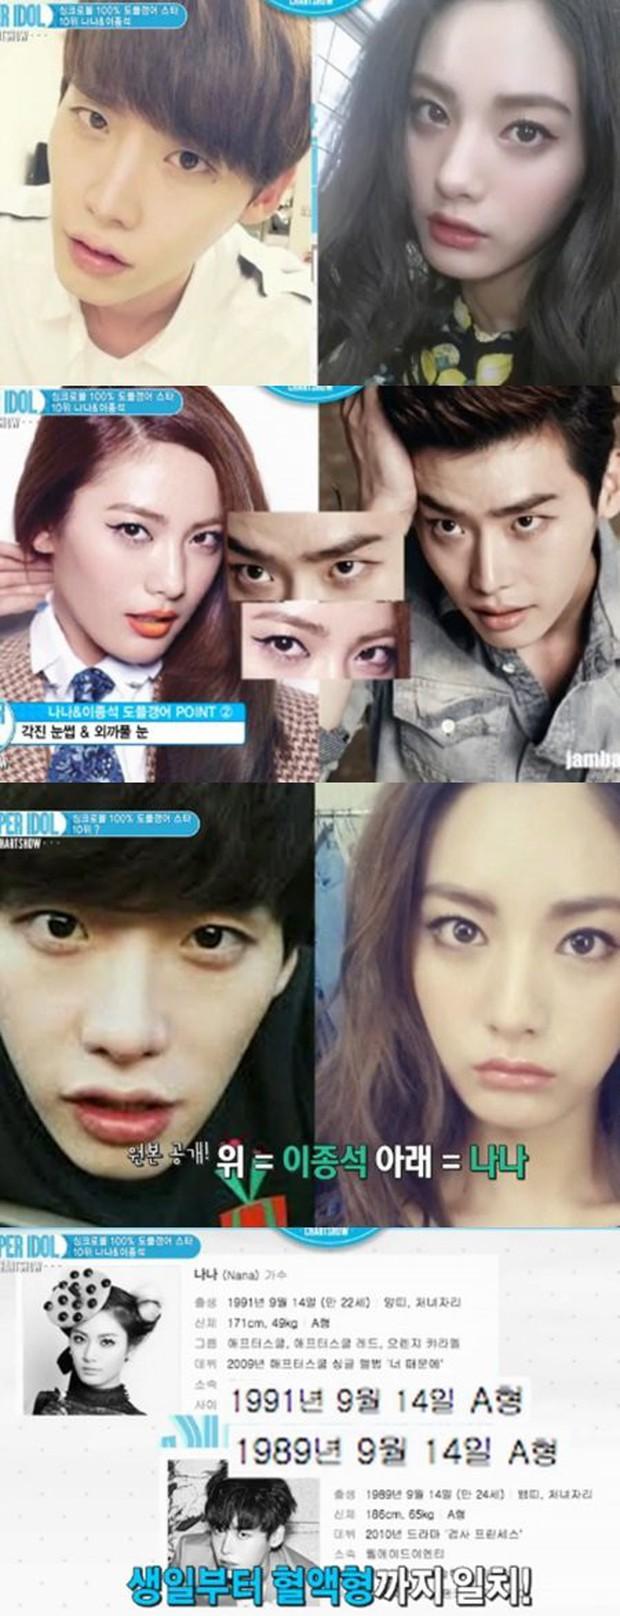 Sự trùng hợp kỳ lạ: Lee Jong Suk và cựu gương mặt đẹp nhất thế giới vừa giống nhau, vừa cùng ngày sinh, nhóm máu - Ảnh 5.